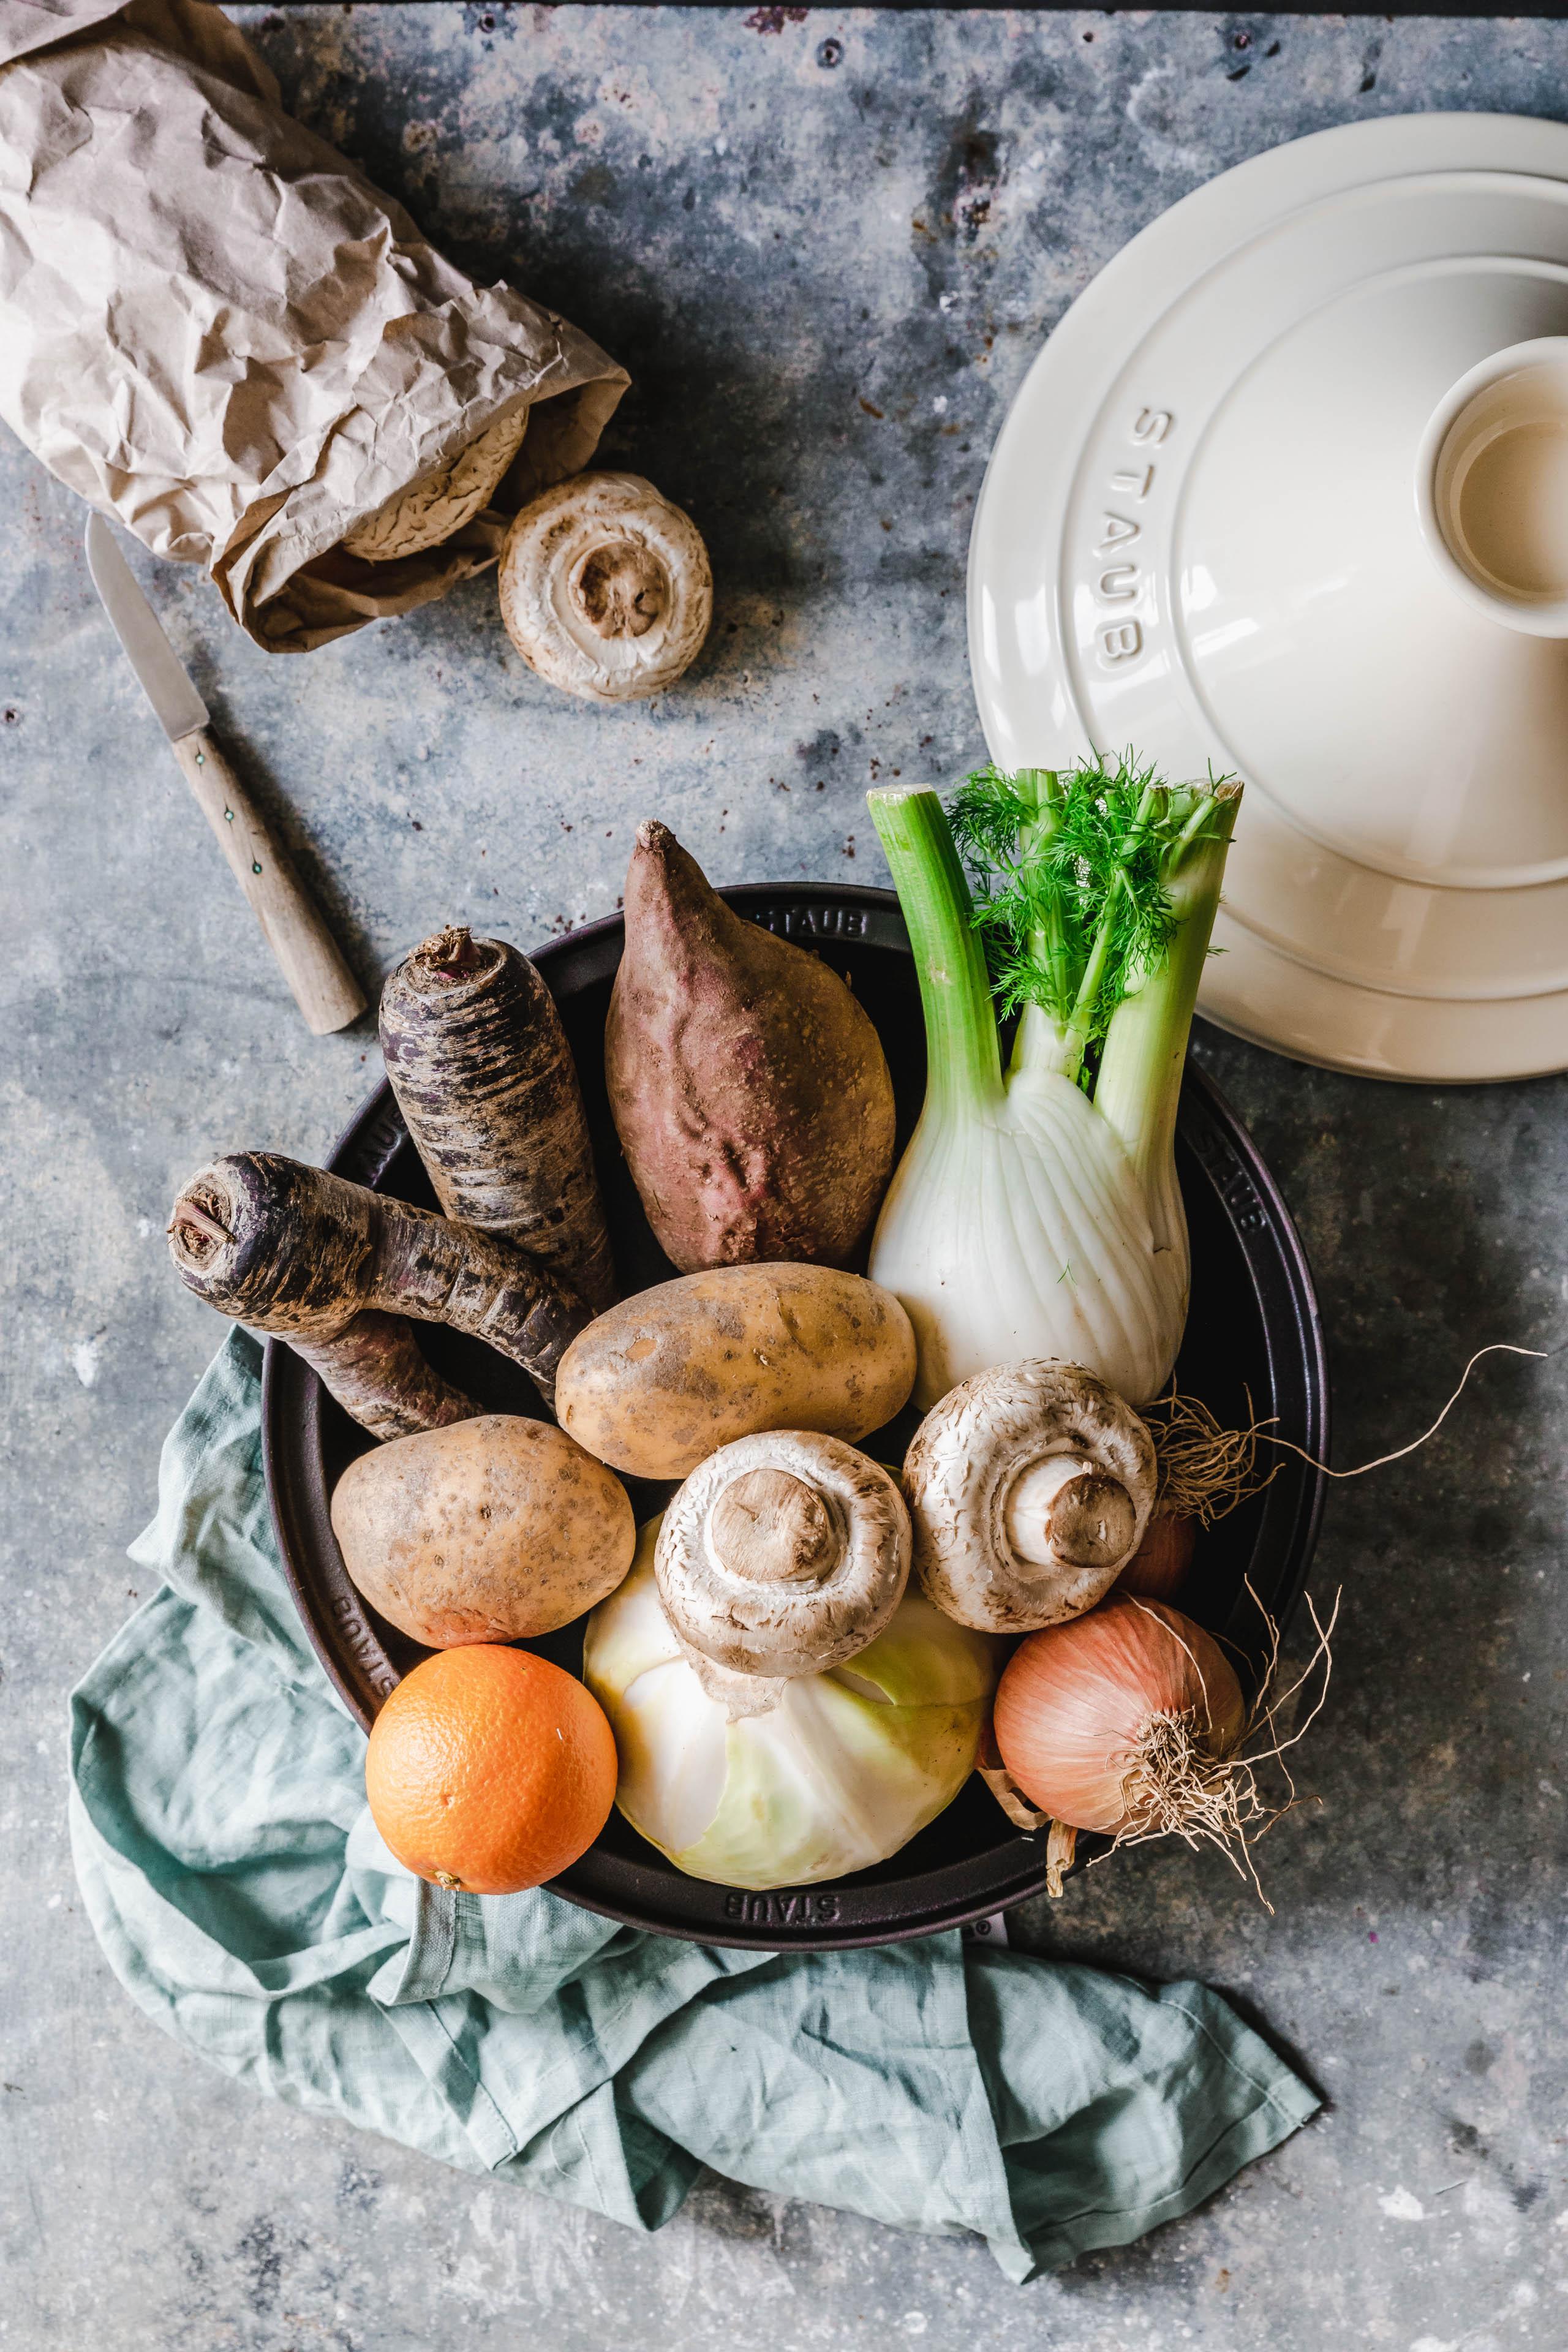 karotten s kartoffel tajine mit fenchel und wei kraut eat this foodblog vegane rezepte. Black Bedroom Furniture Sets. Home Design Ideas